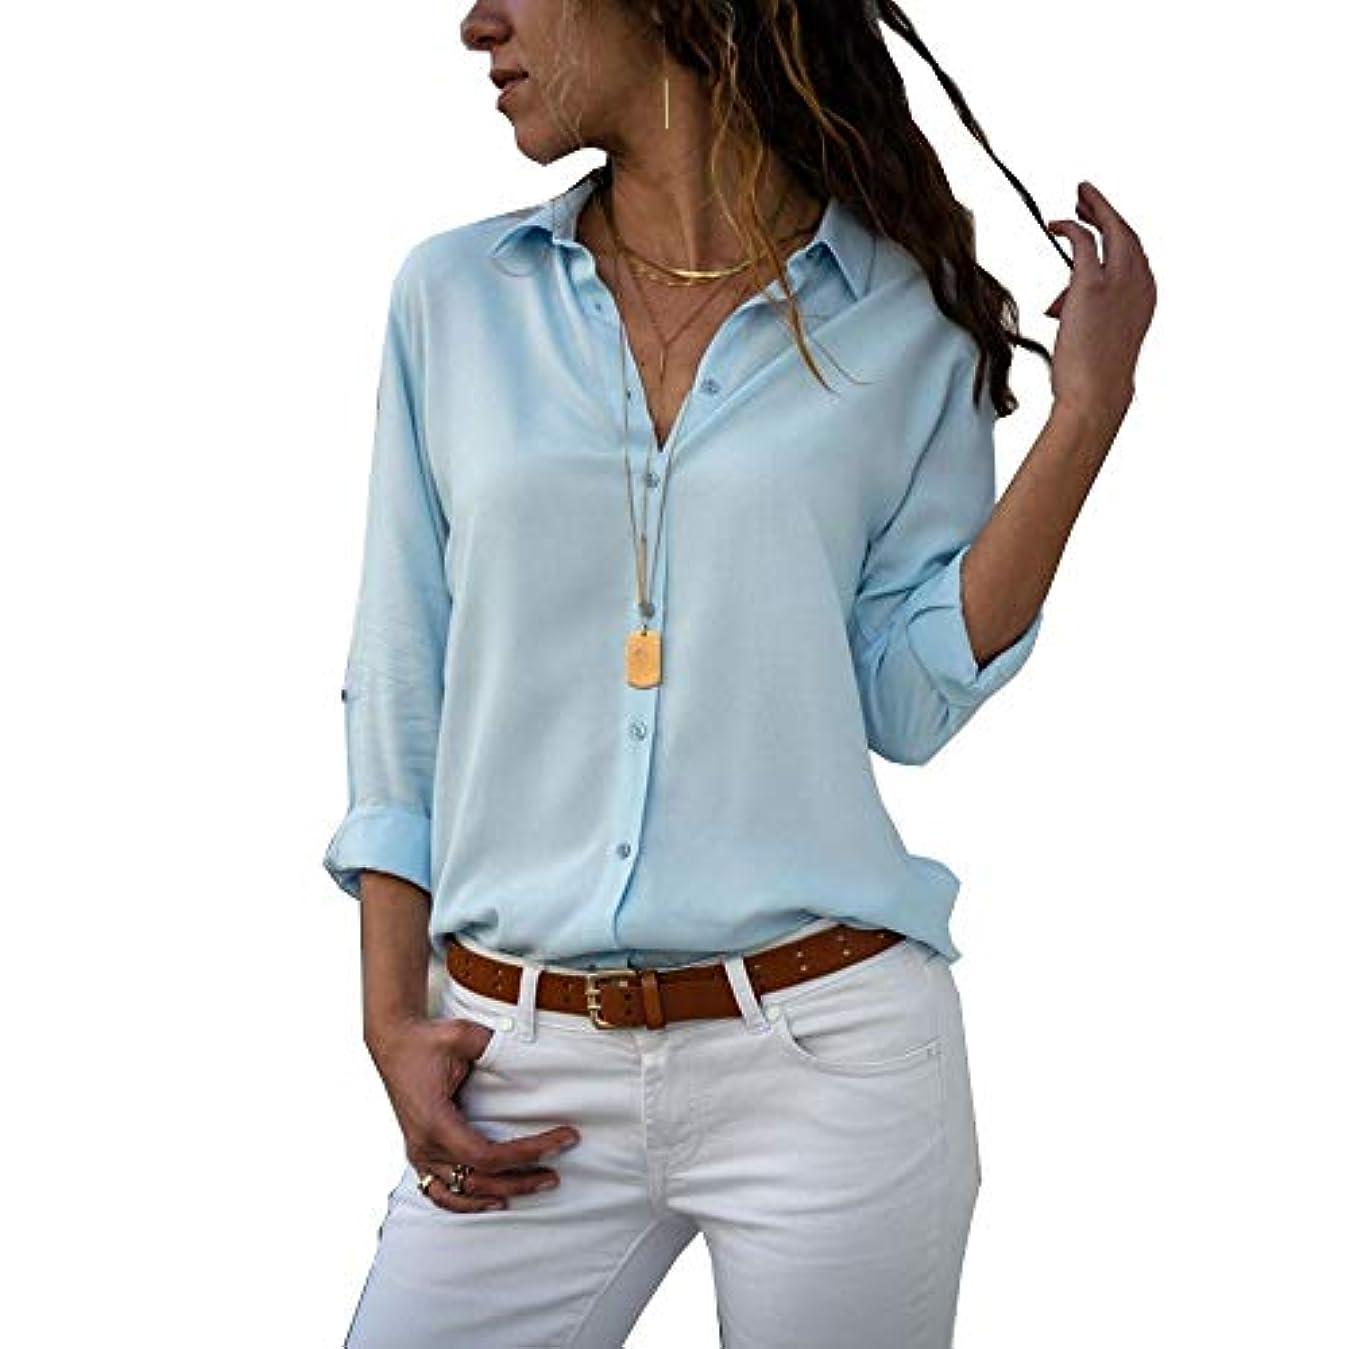 作物裁量シルエットMIFAN ルーズシャツ、トップス&Tシャツ、プラスサイズ、トップス&ブラウス、シフォンブラウス、女性トップス、シフォンシャツ